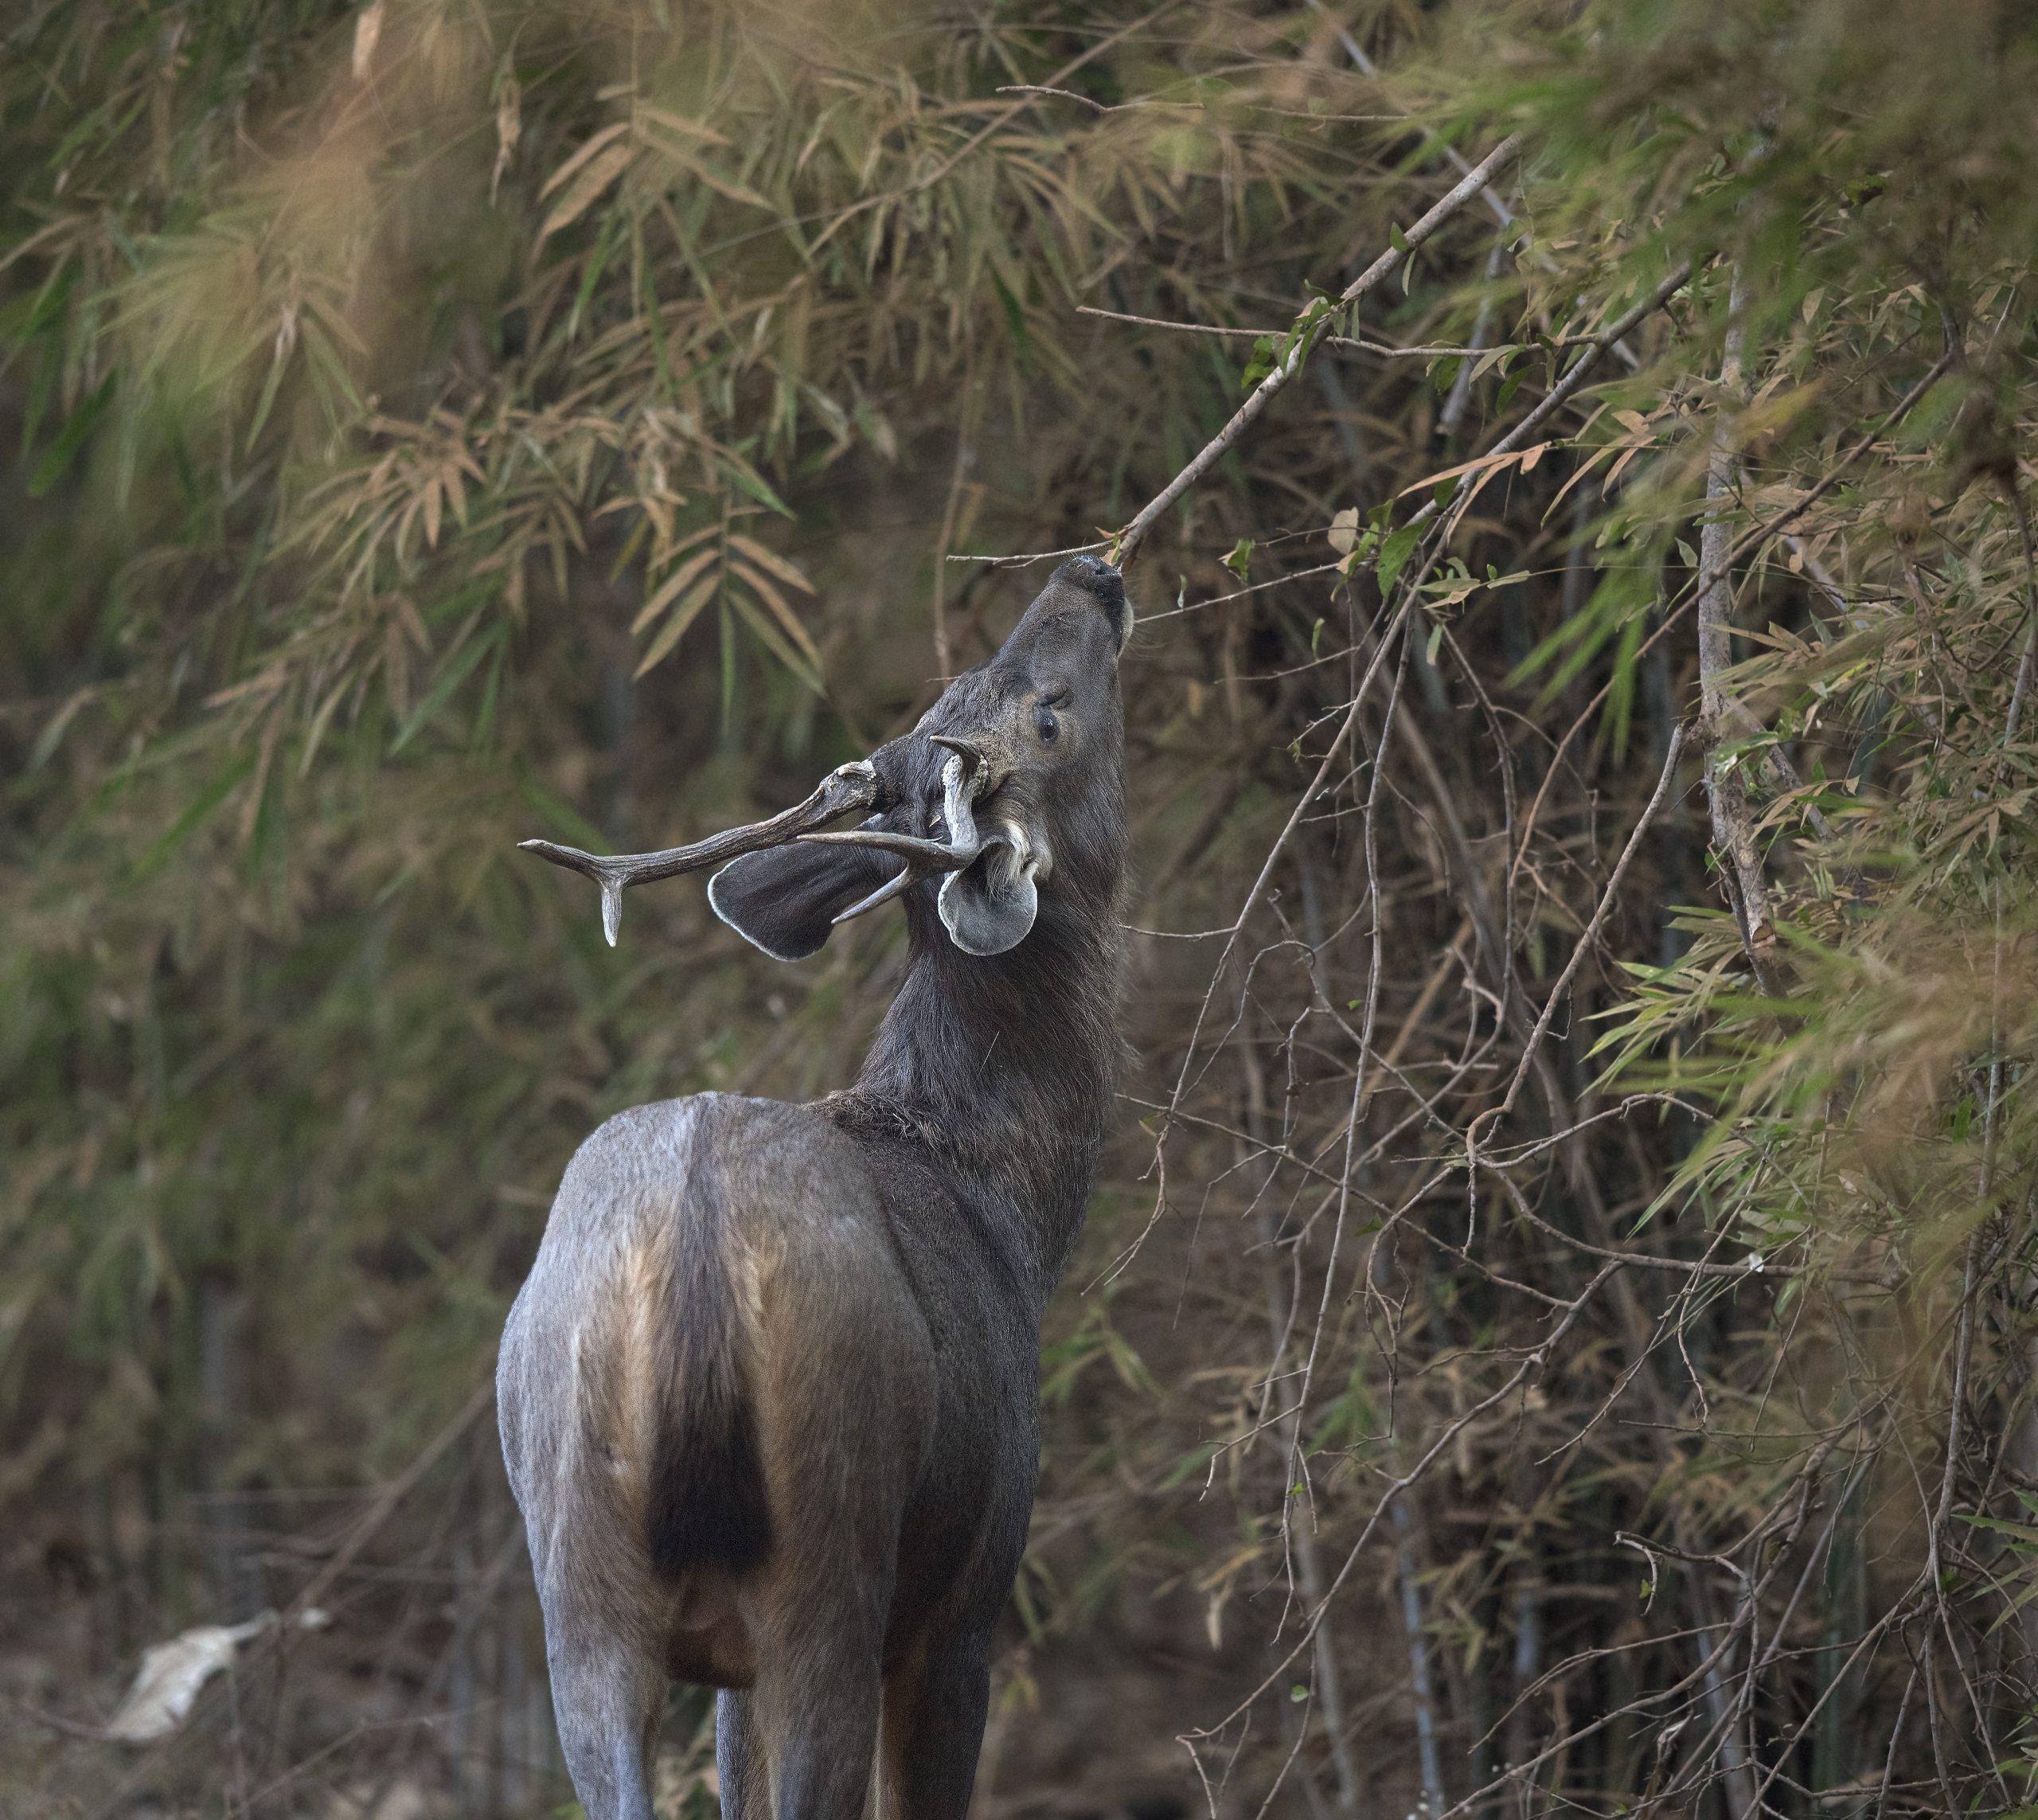 Sambar deer eating a leaves